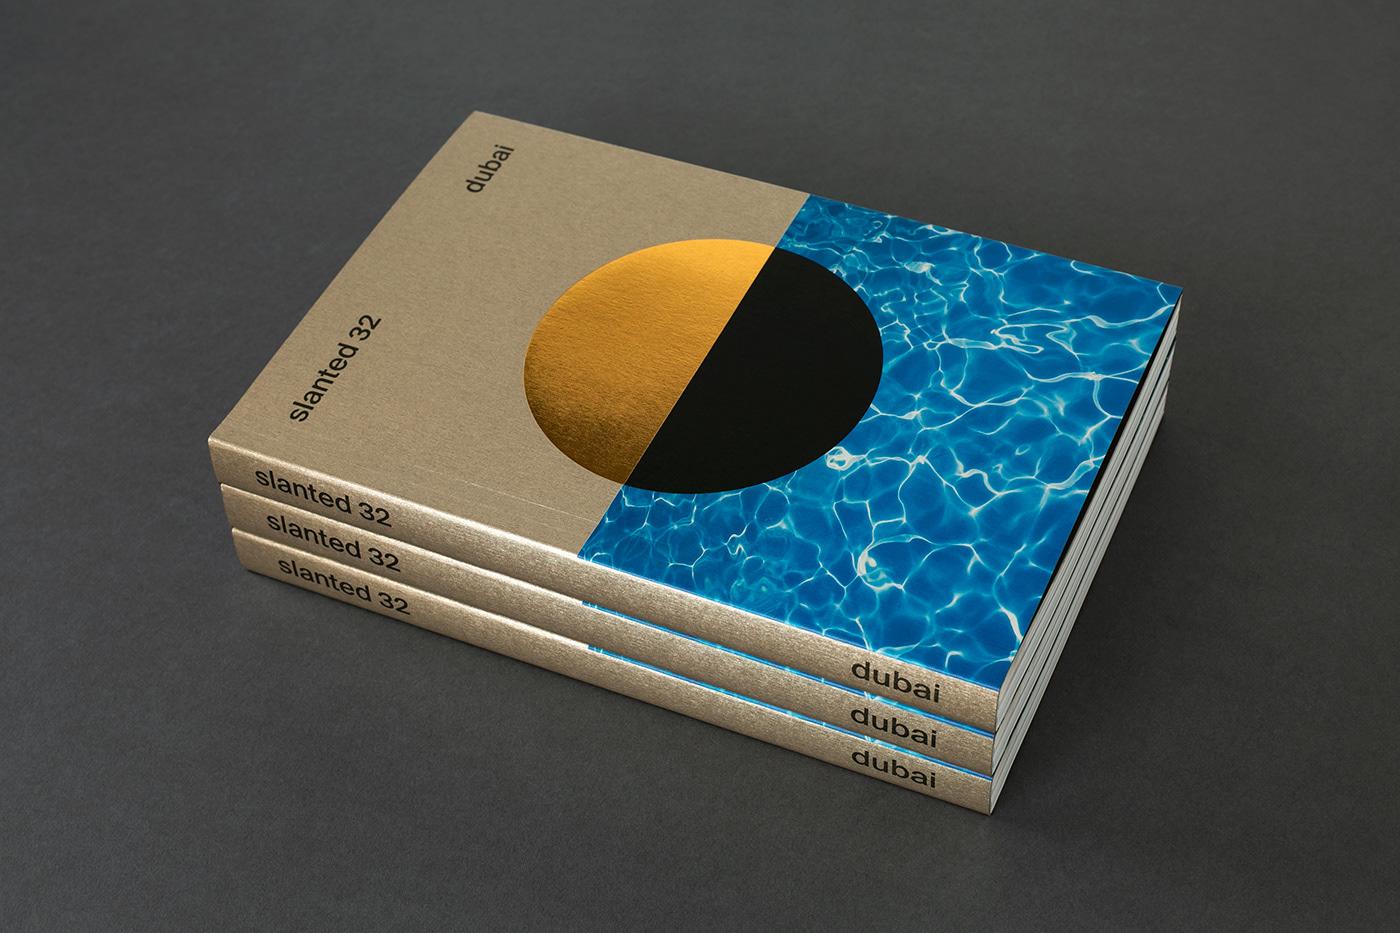 Il nuovo numero di Slanted è dedicato alla scena creativa di Dubai